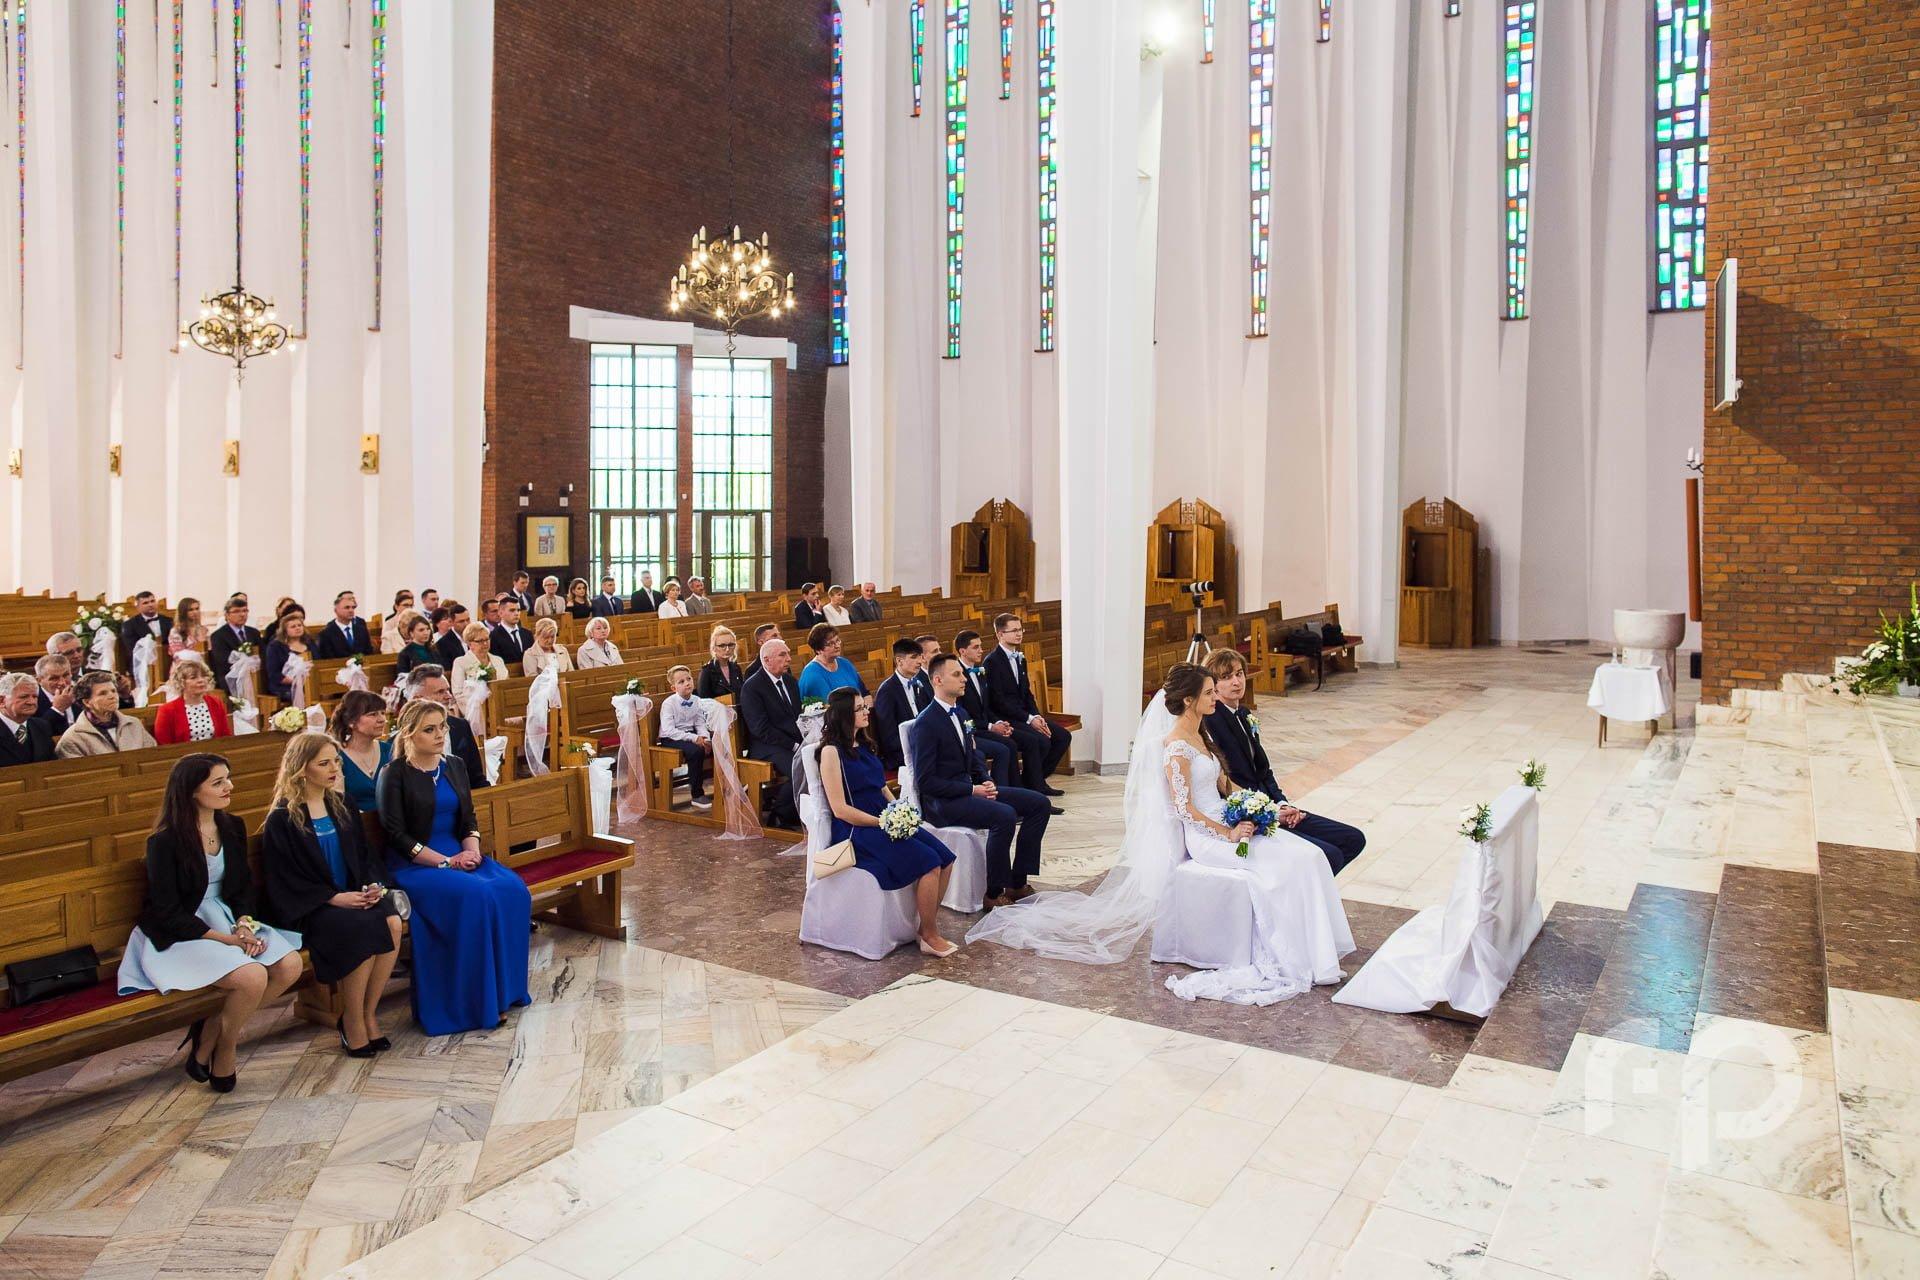 szeroki kadr przedstawiający gości w kościele